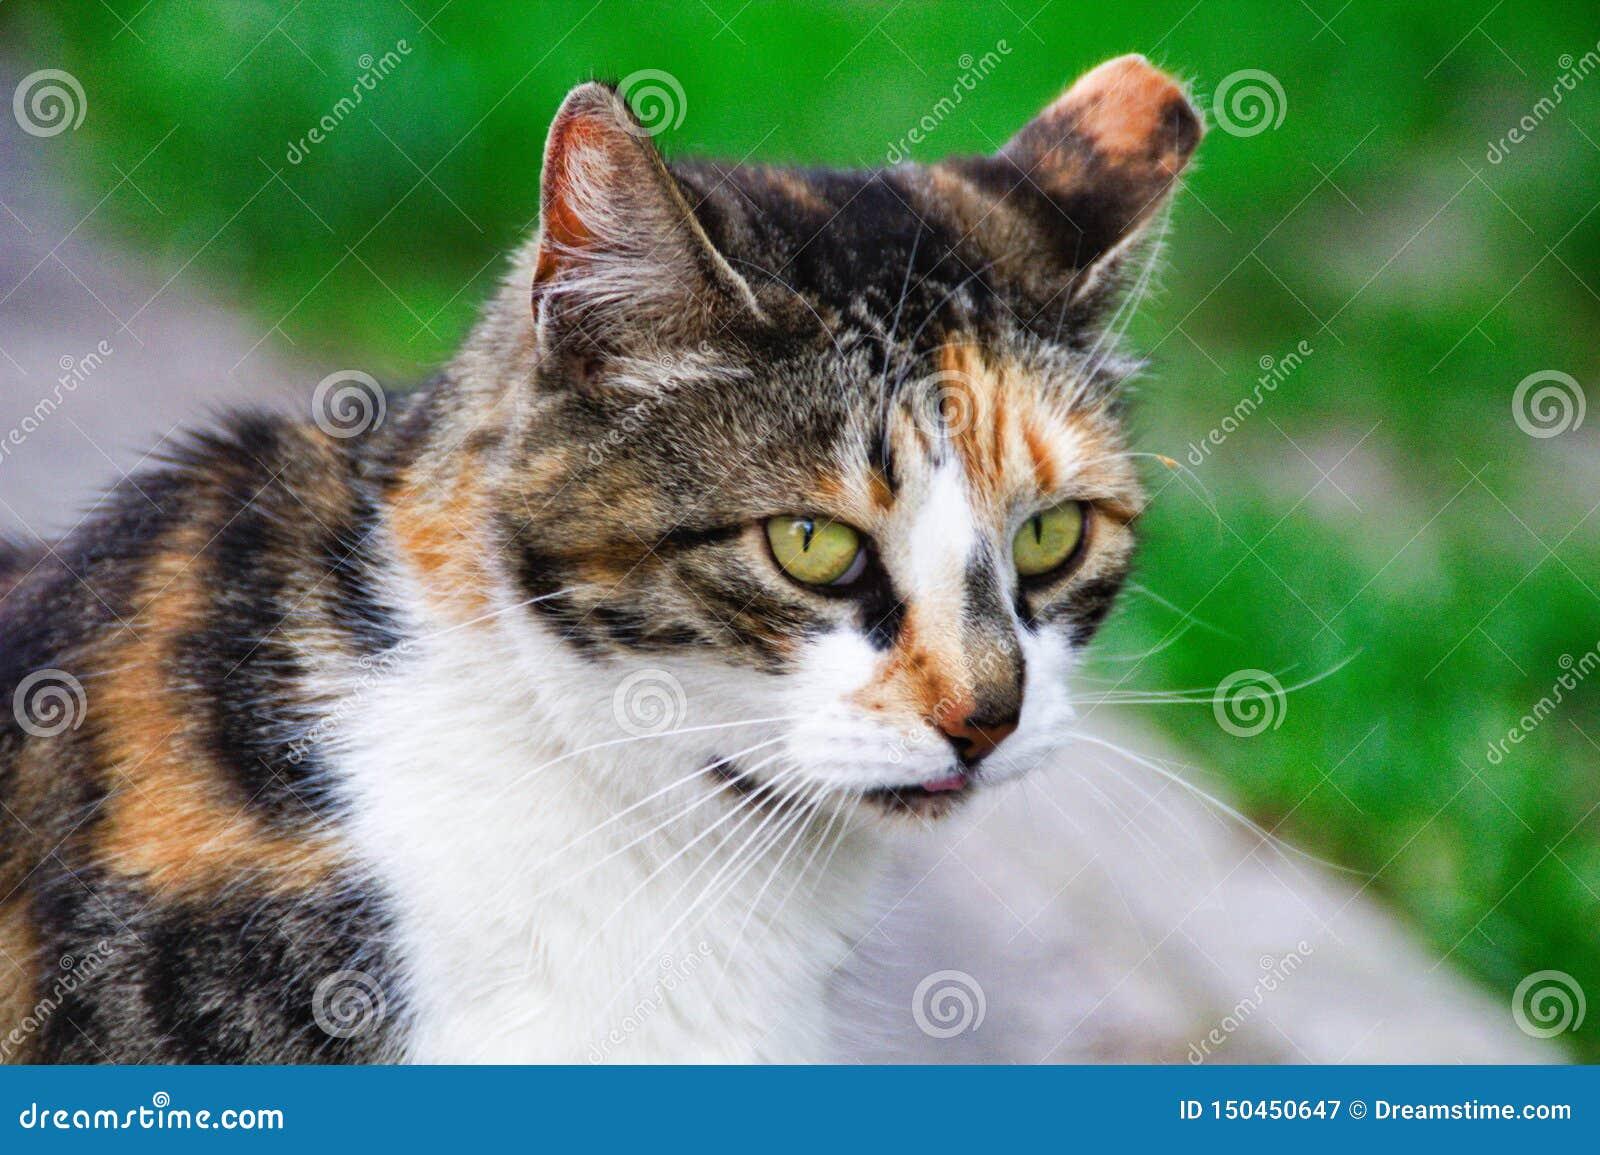 Common cat closeup